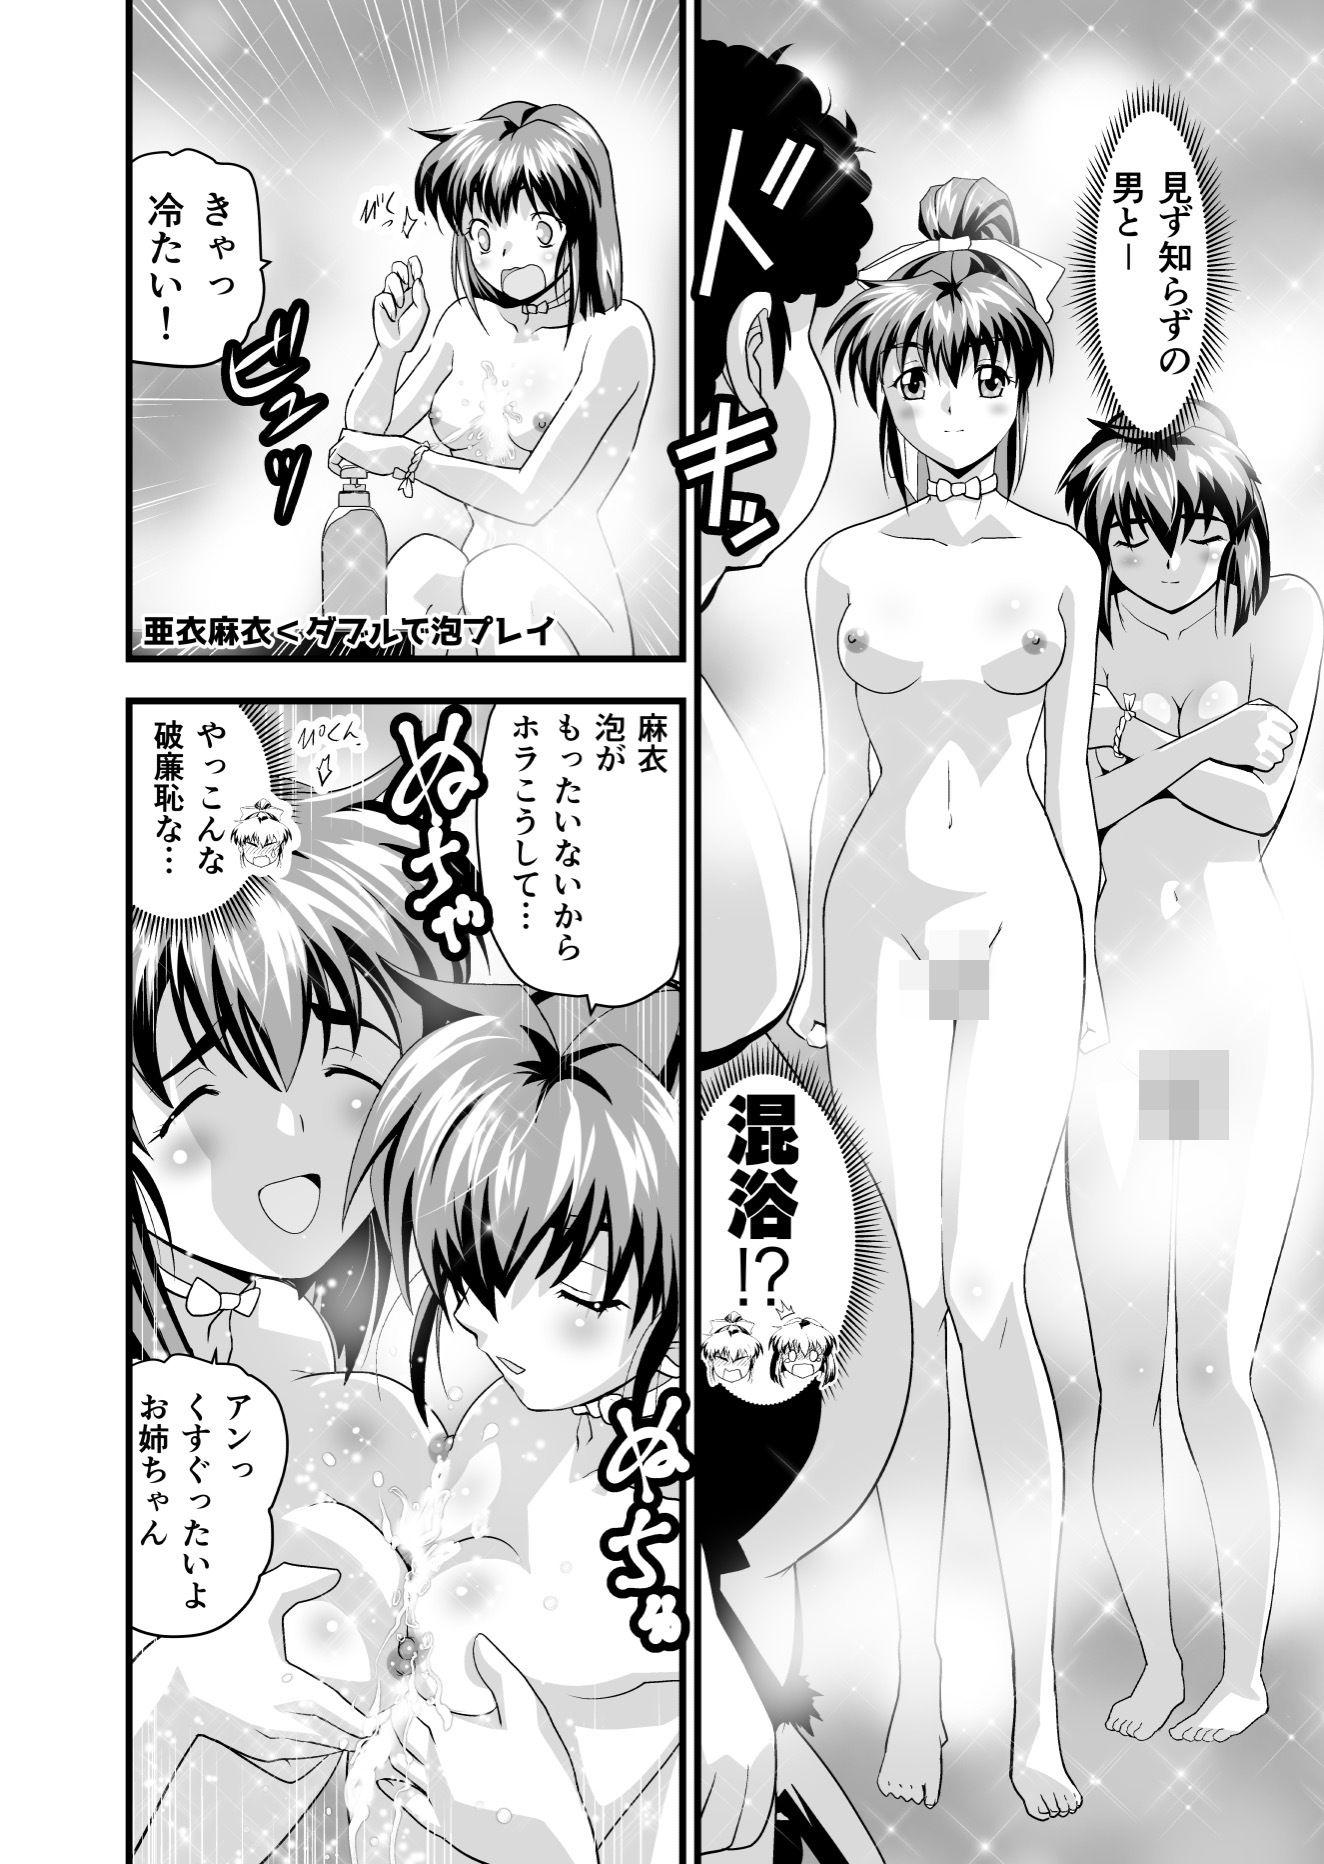 【淫獣聖戦 同人】AngelXXrebeL2傀儡の乱舞